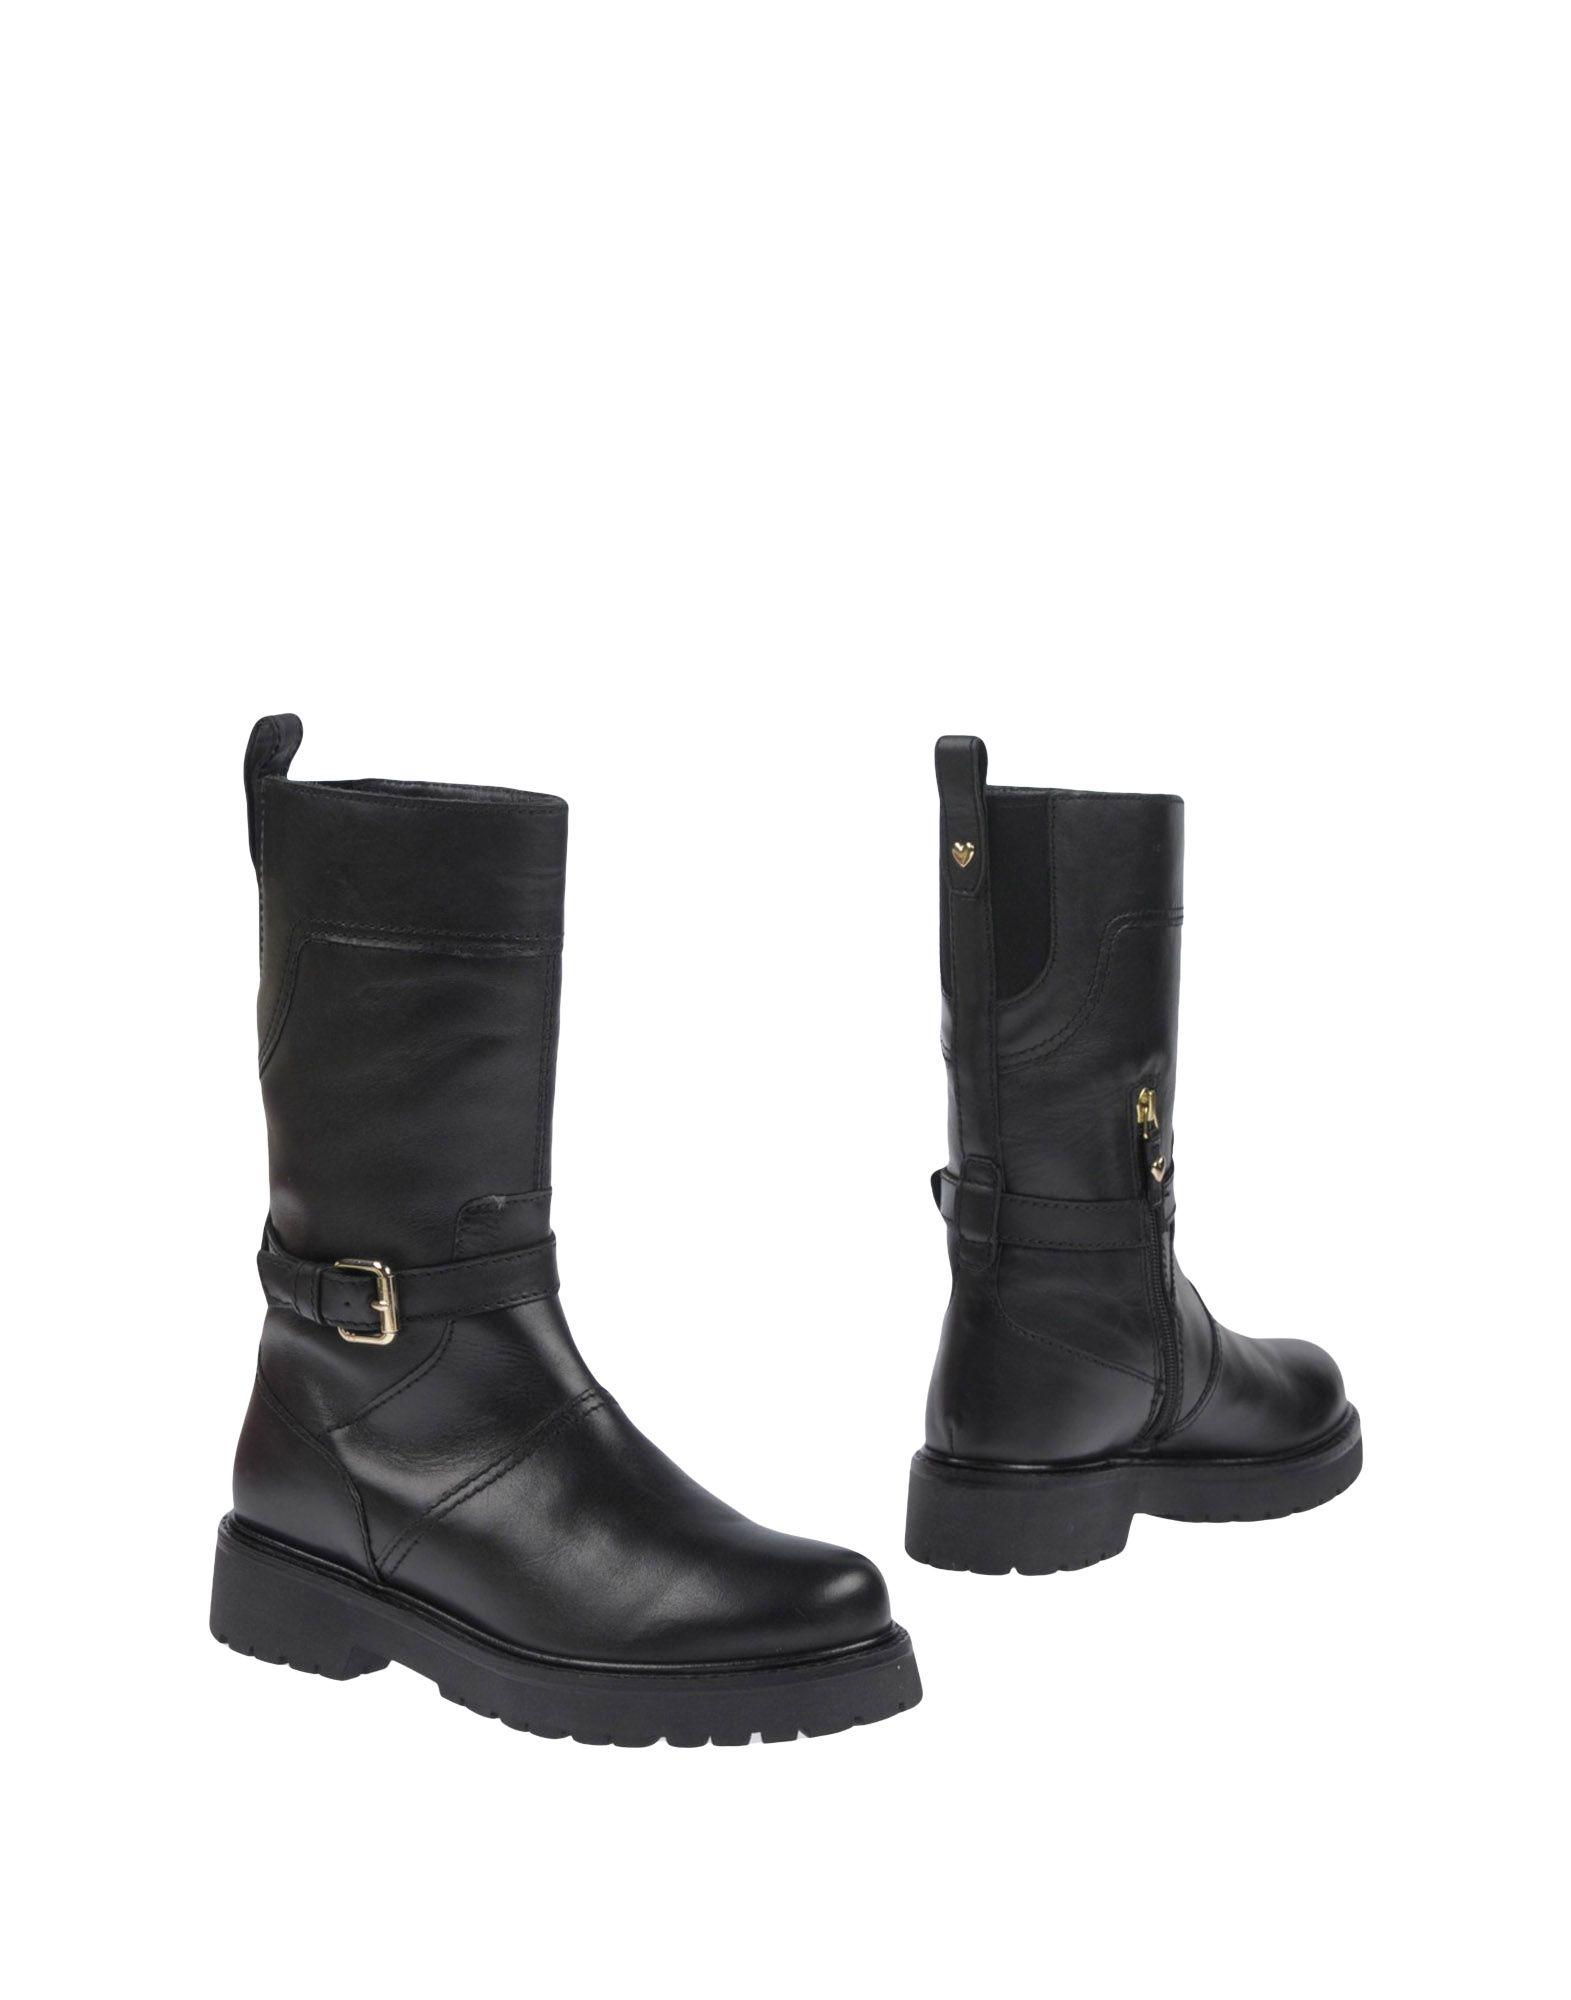 Sneakers Hogan Uomo - 11516069LR Scarpe economiche e buone